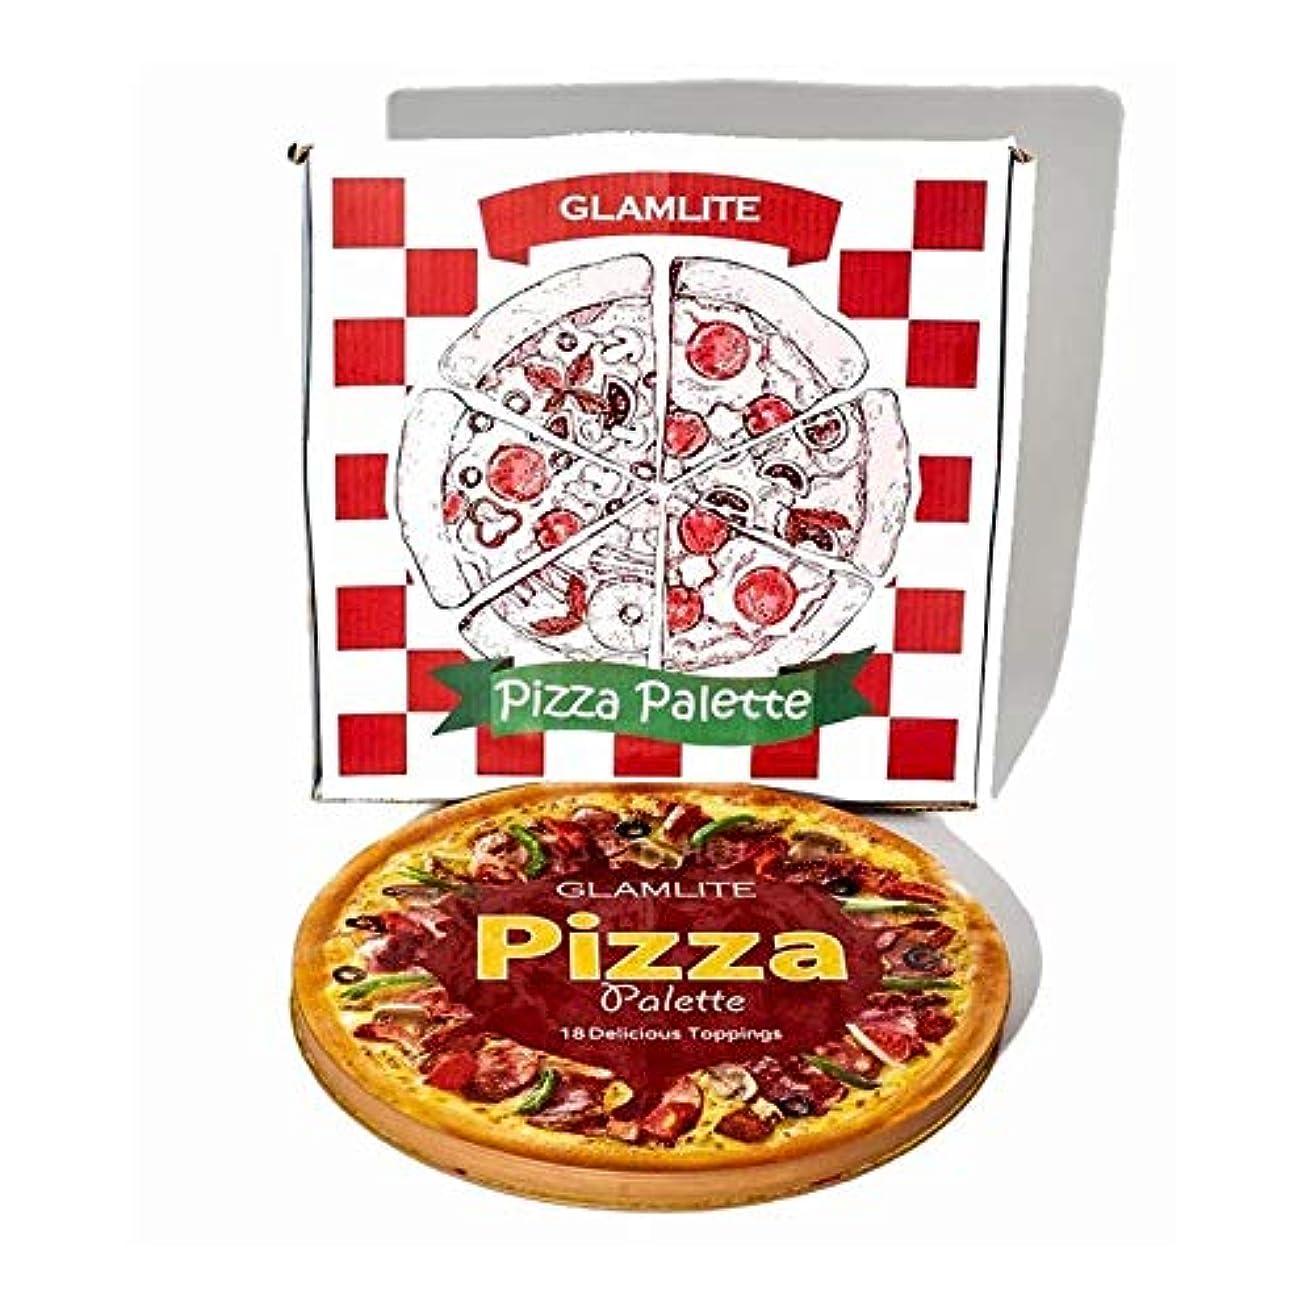 ブランデー褒賞変装グラムライト ピザパレット 18色